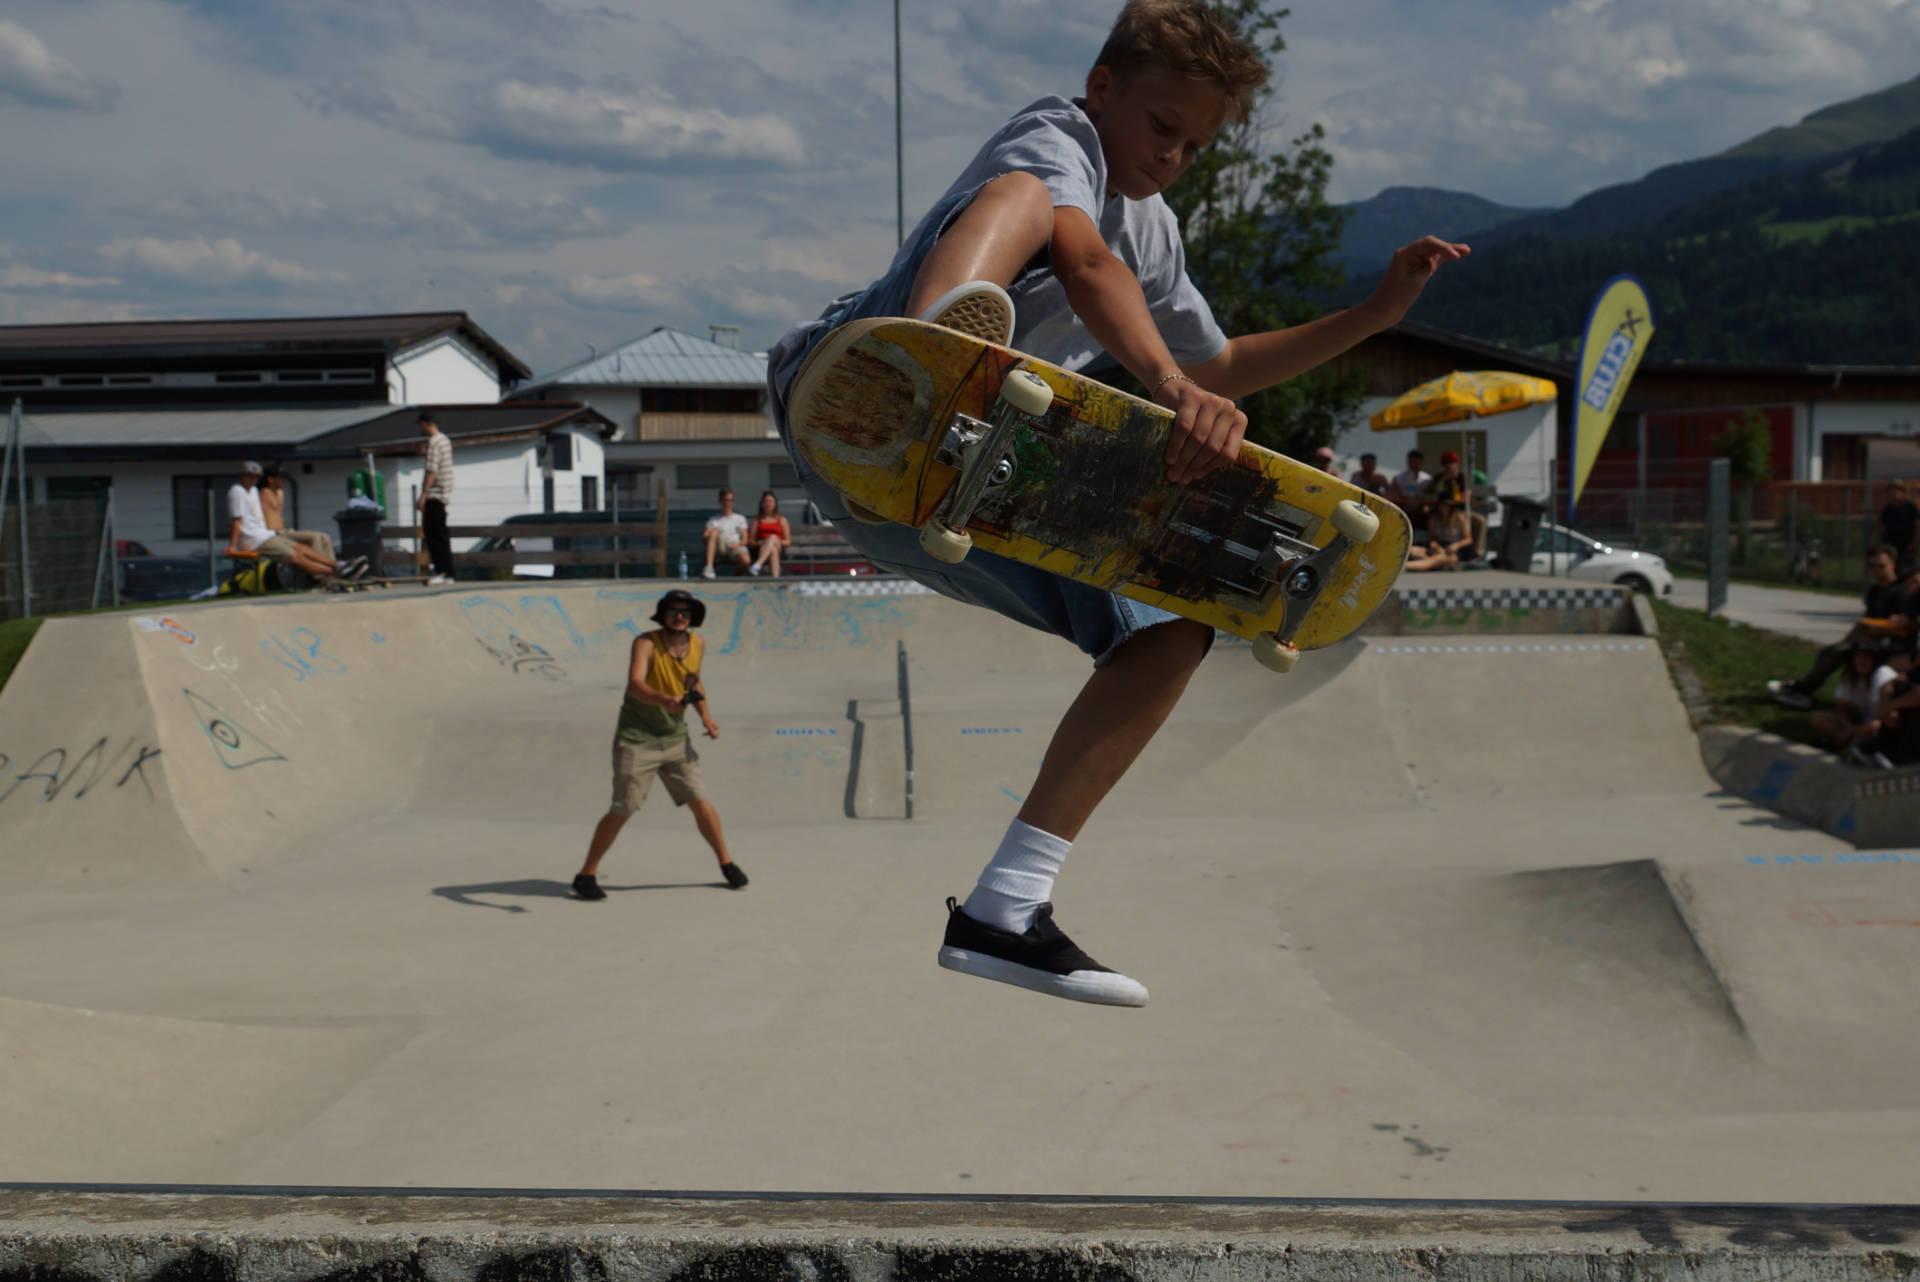 skateboardheadz st johann in tirol kgt 2019 finale 00053